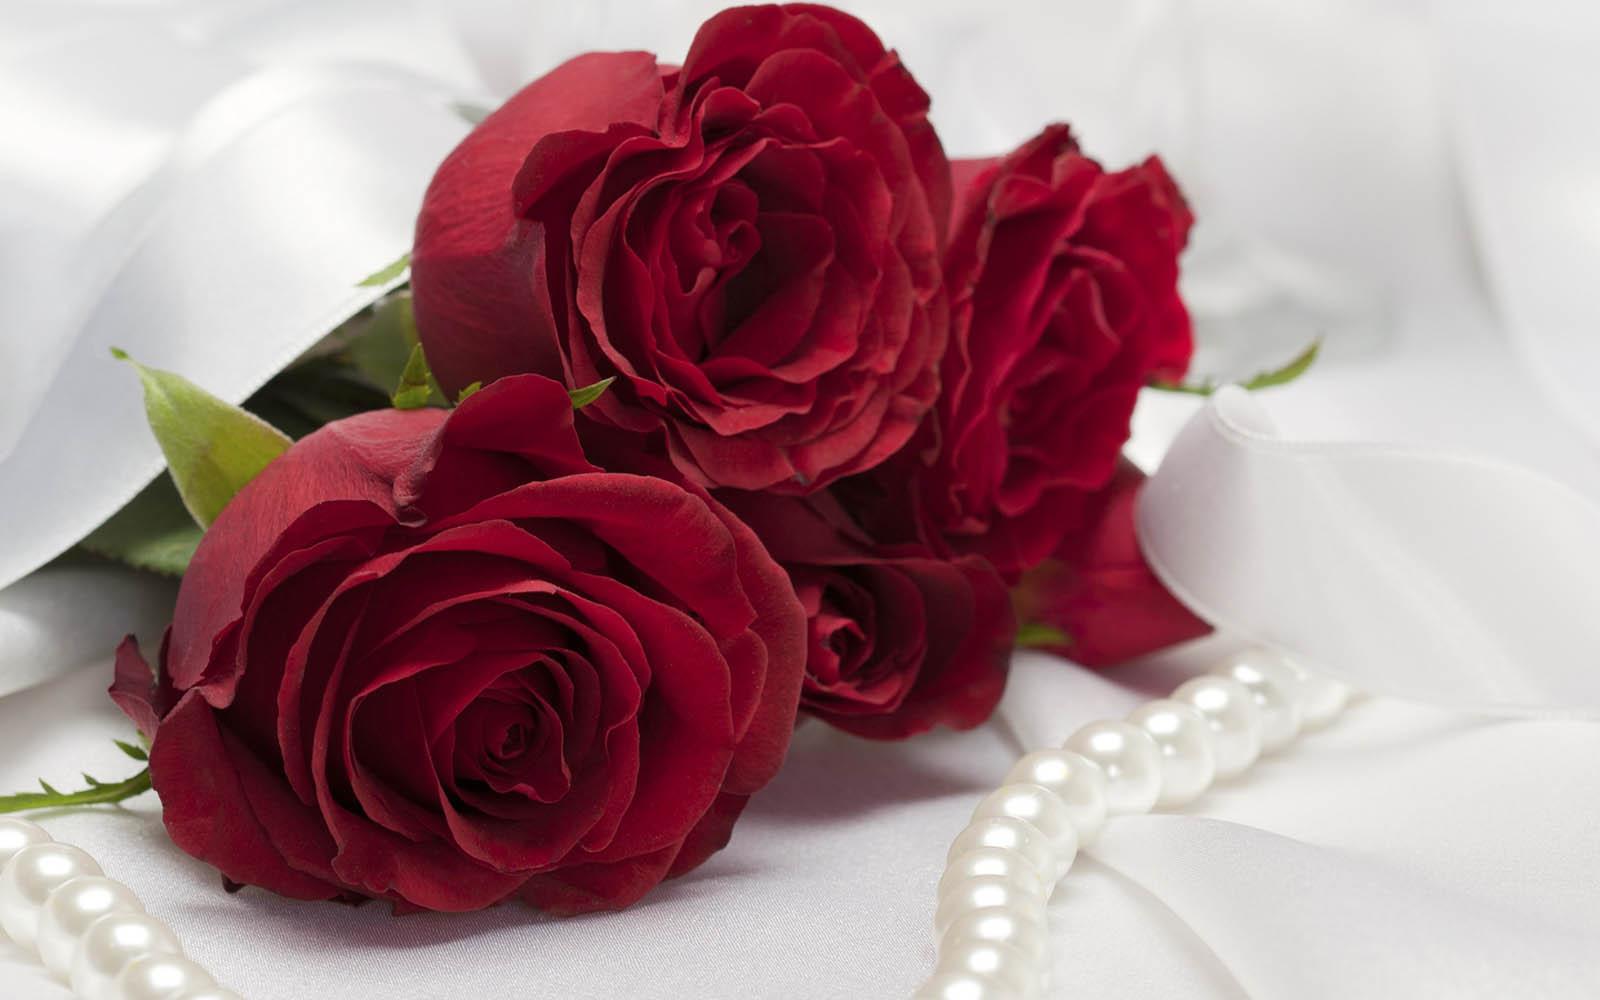 red rose desktop background - photo #17